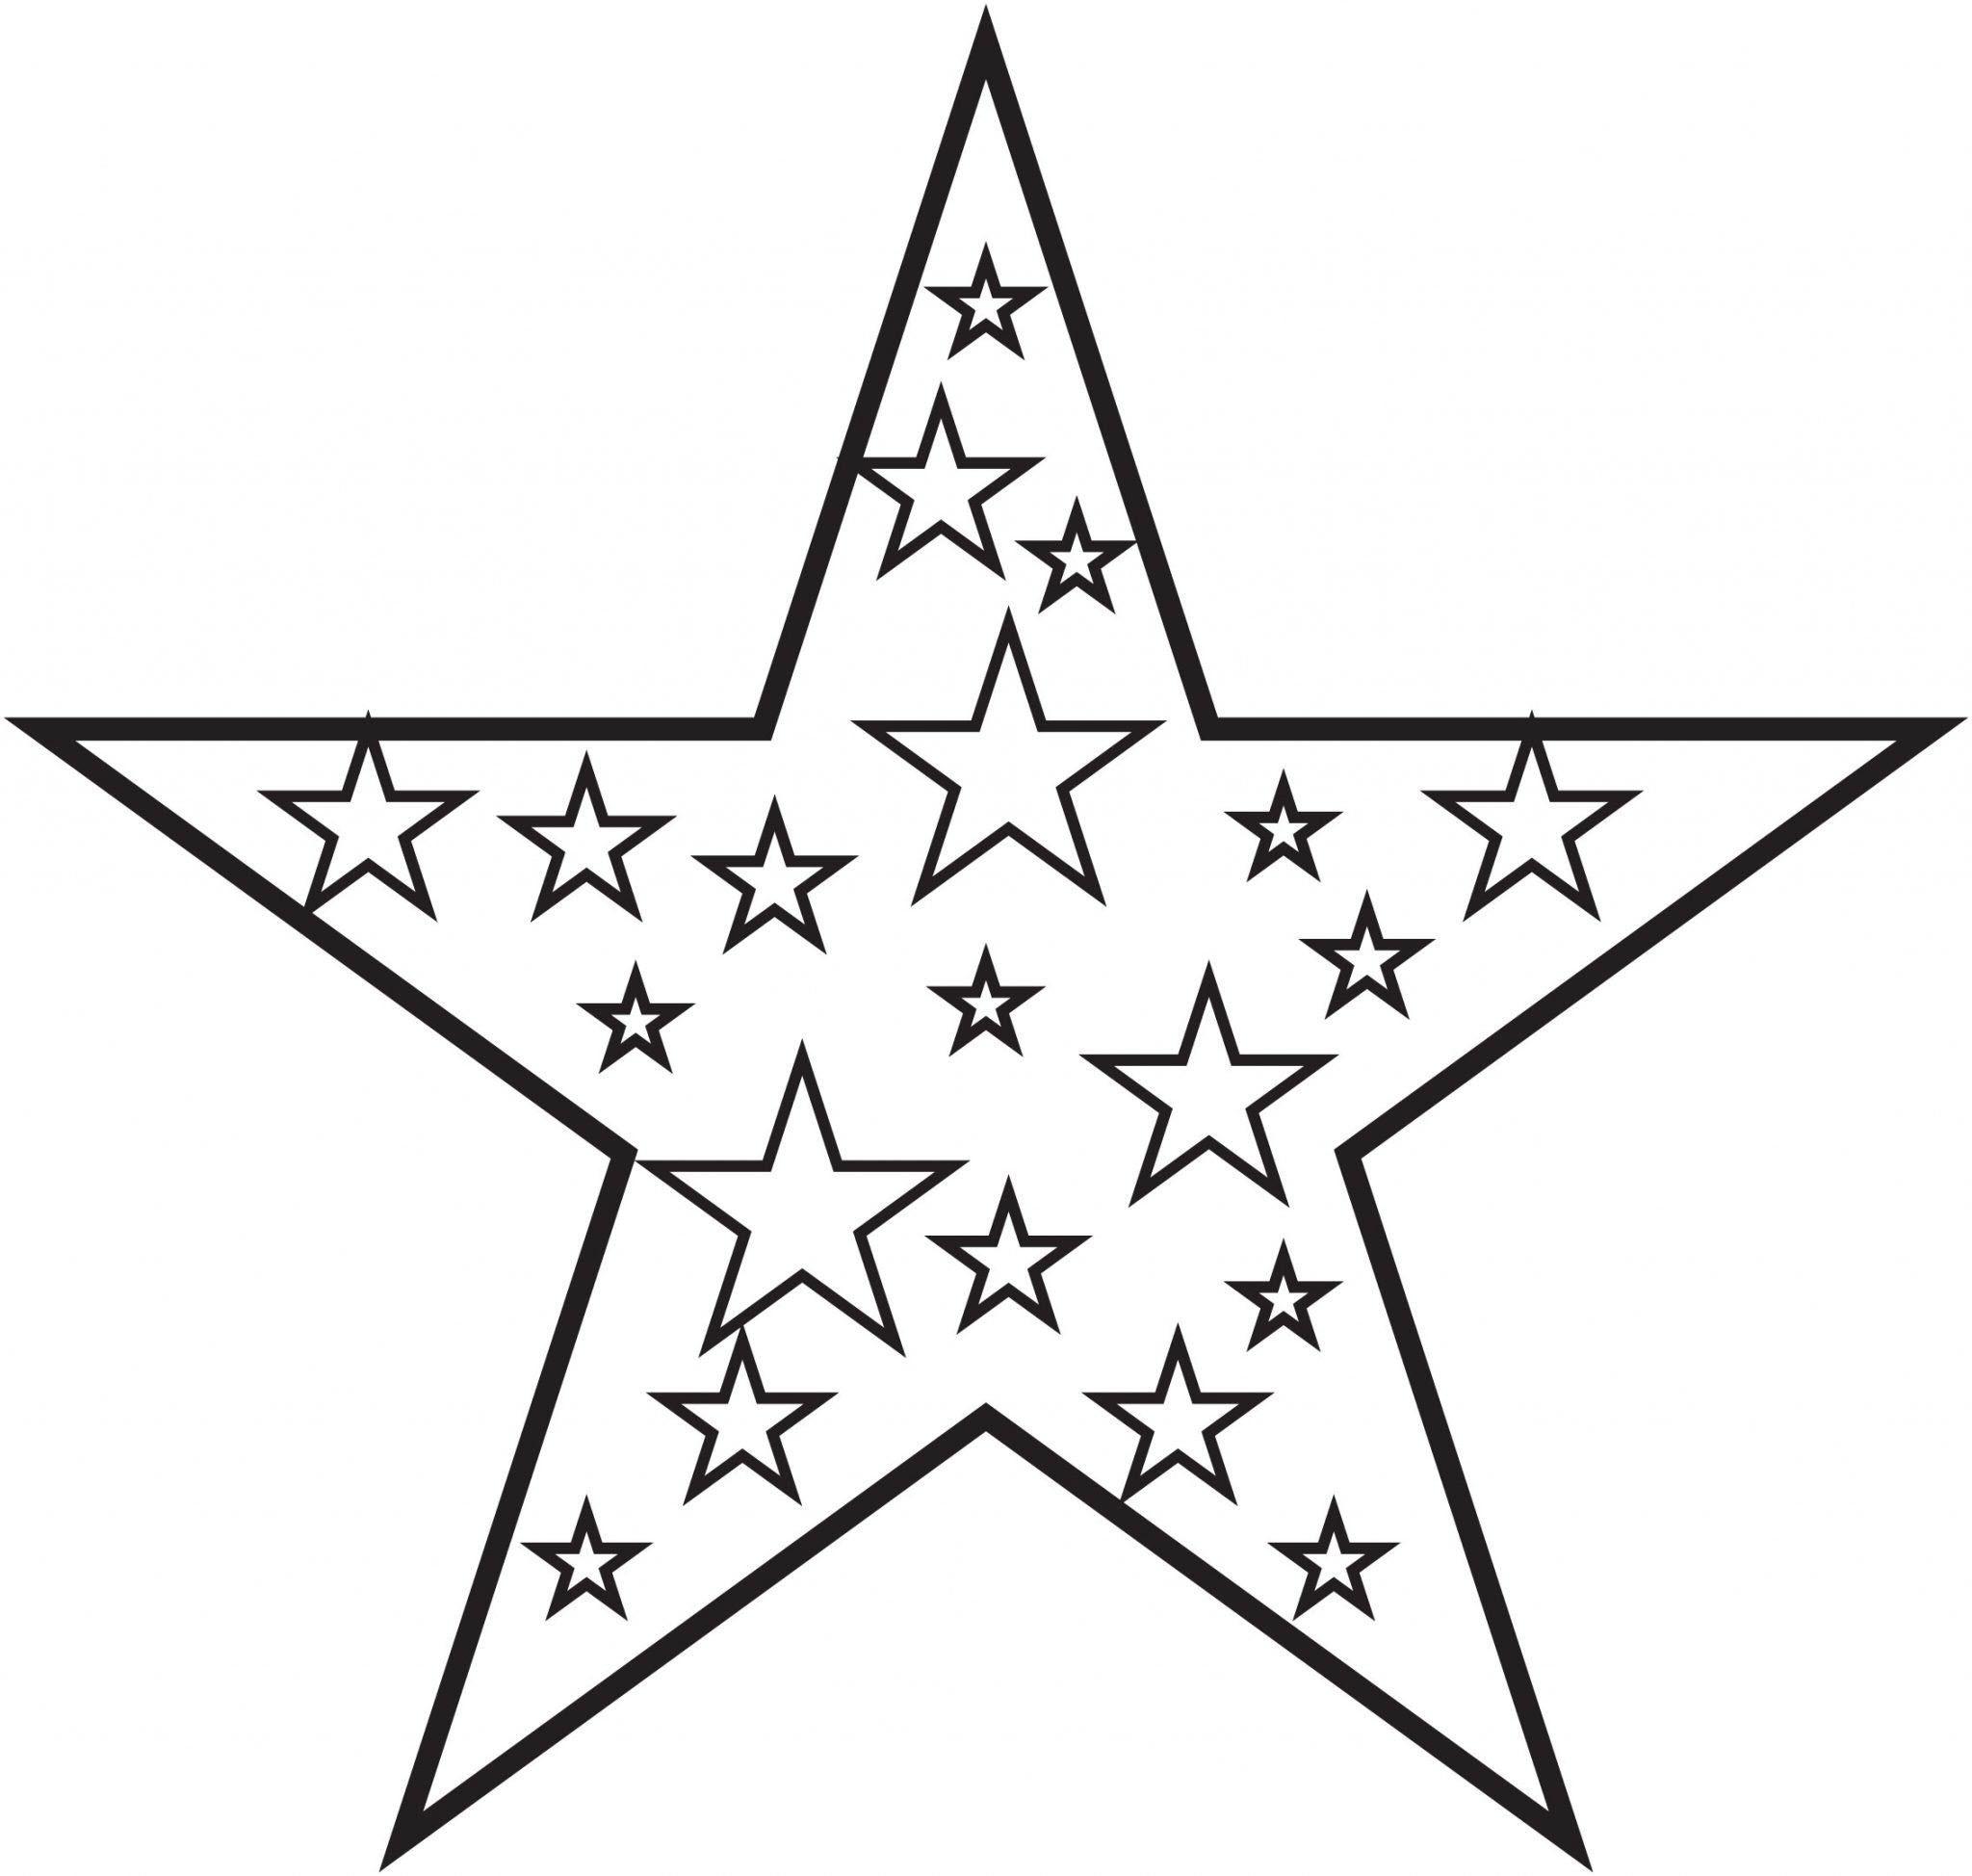 Tranh tô màu ngôi sao đơn giản